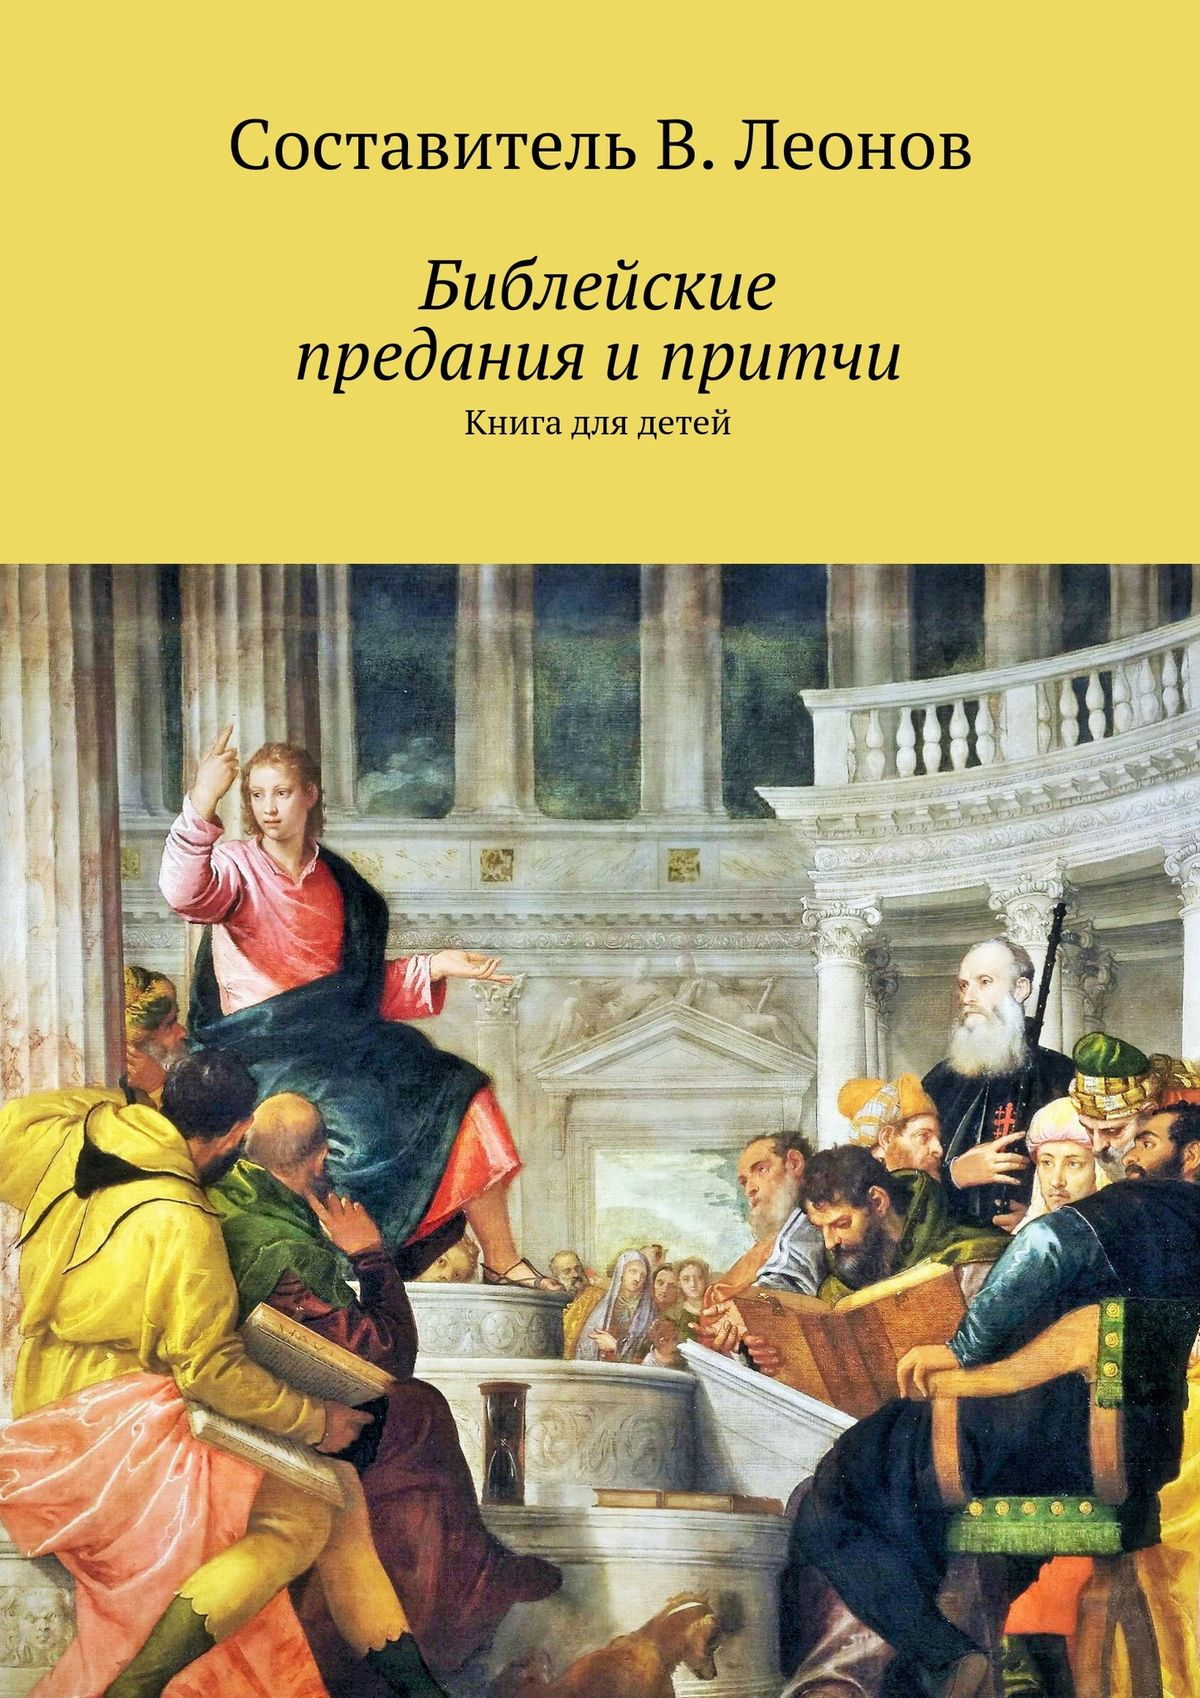 Библейские предания и притчи. Книга для детей